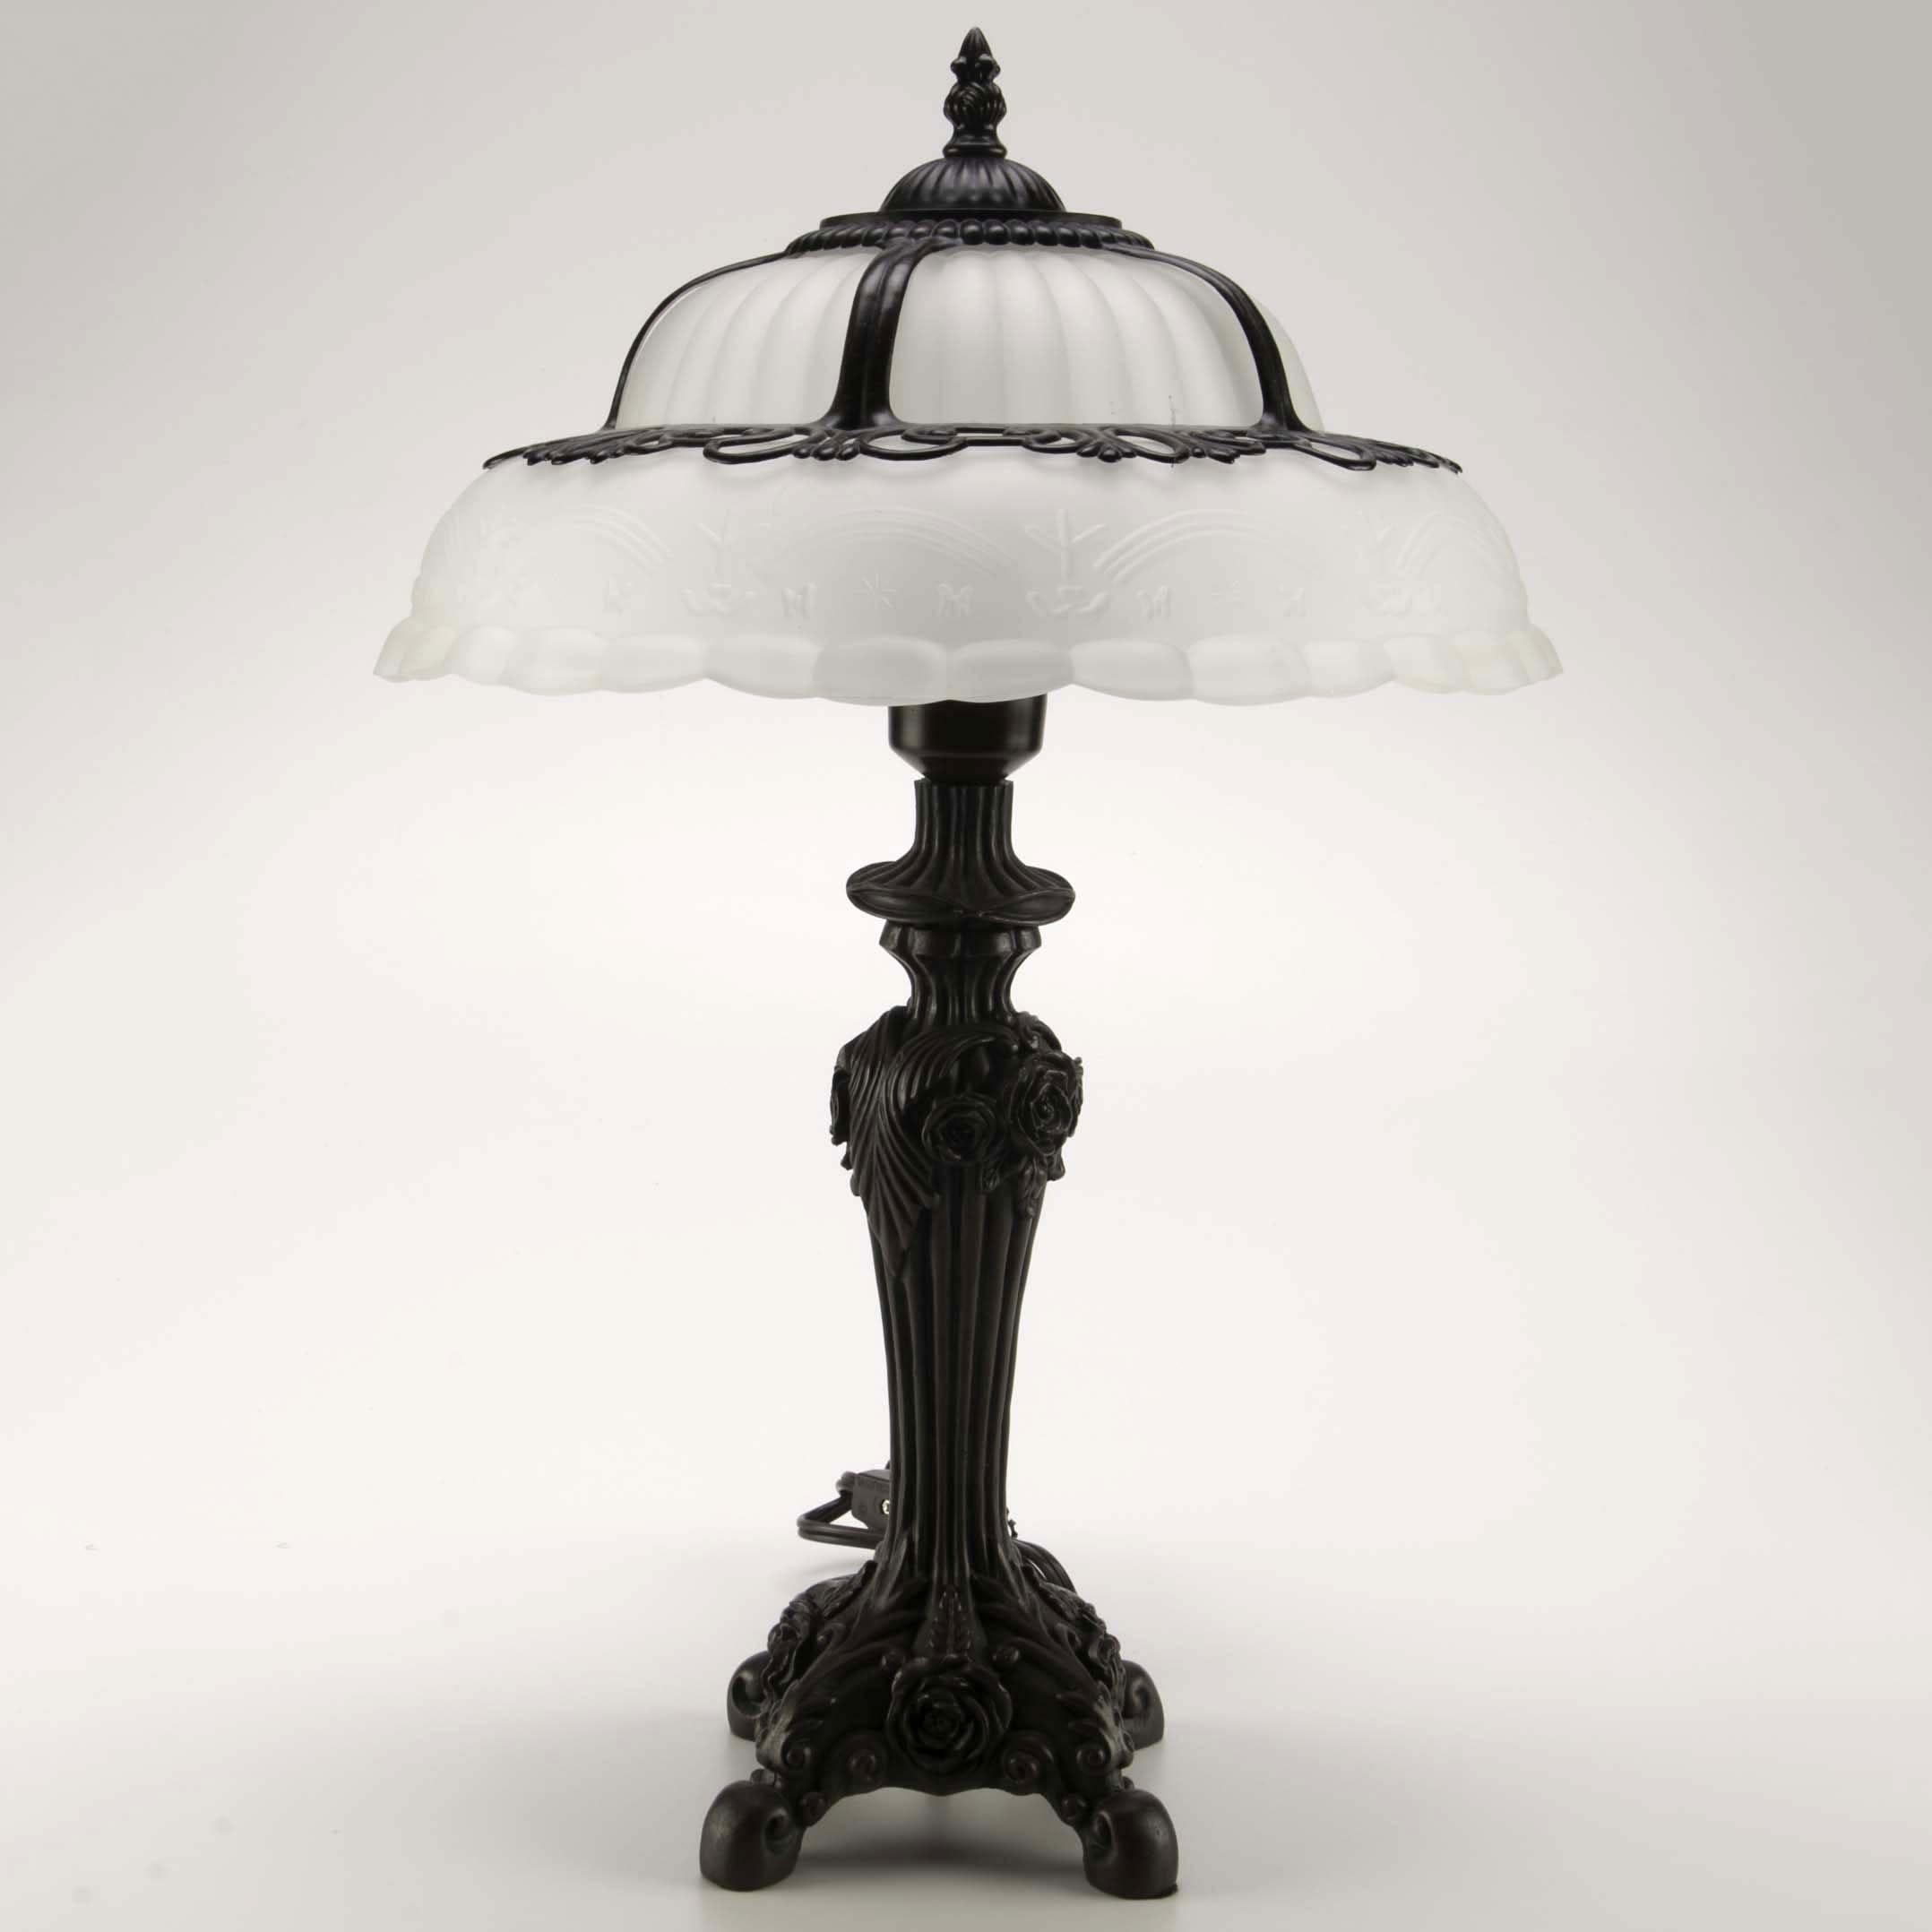 cheyenne company art nouveau style lamp